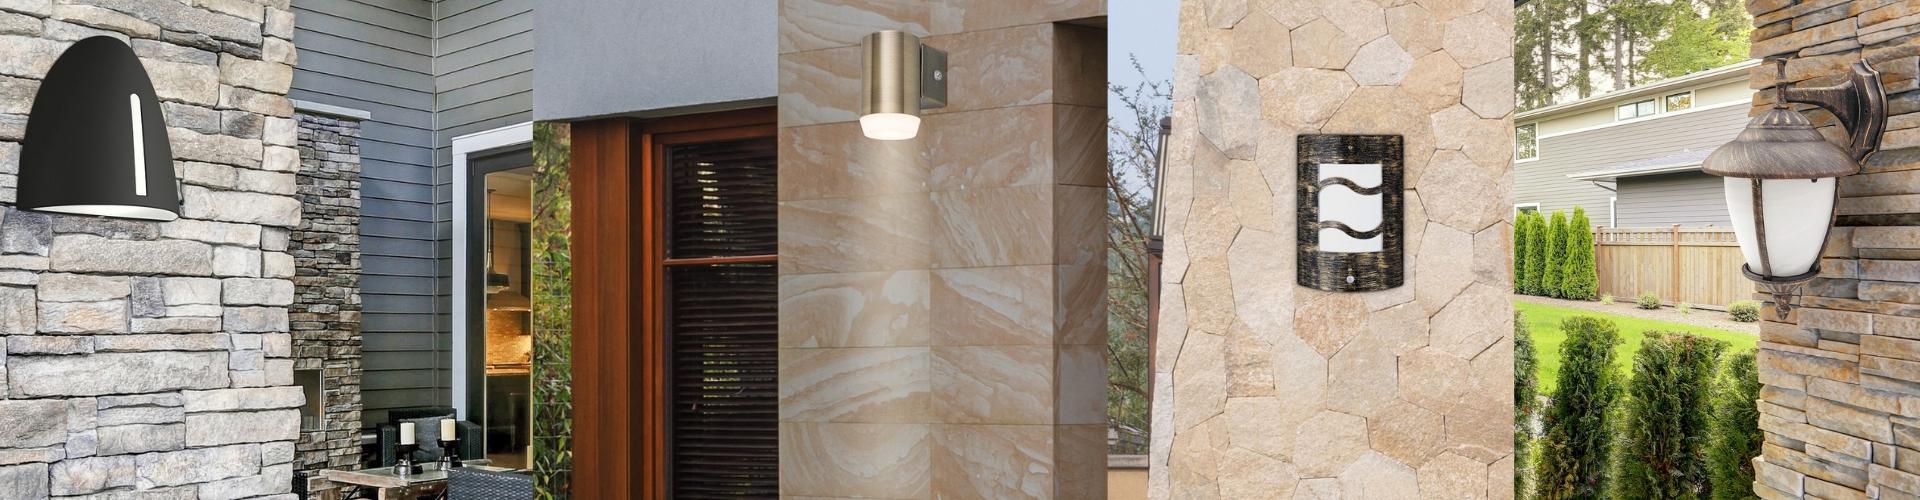 Vanjske zidne svjetiljke